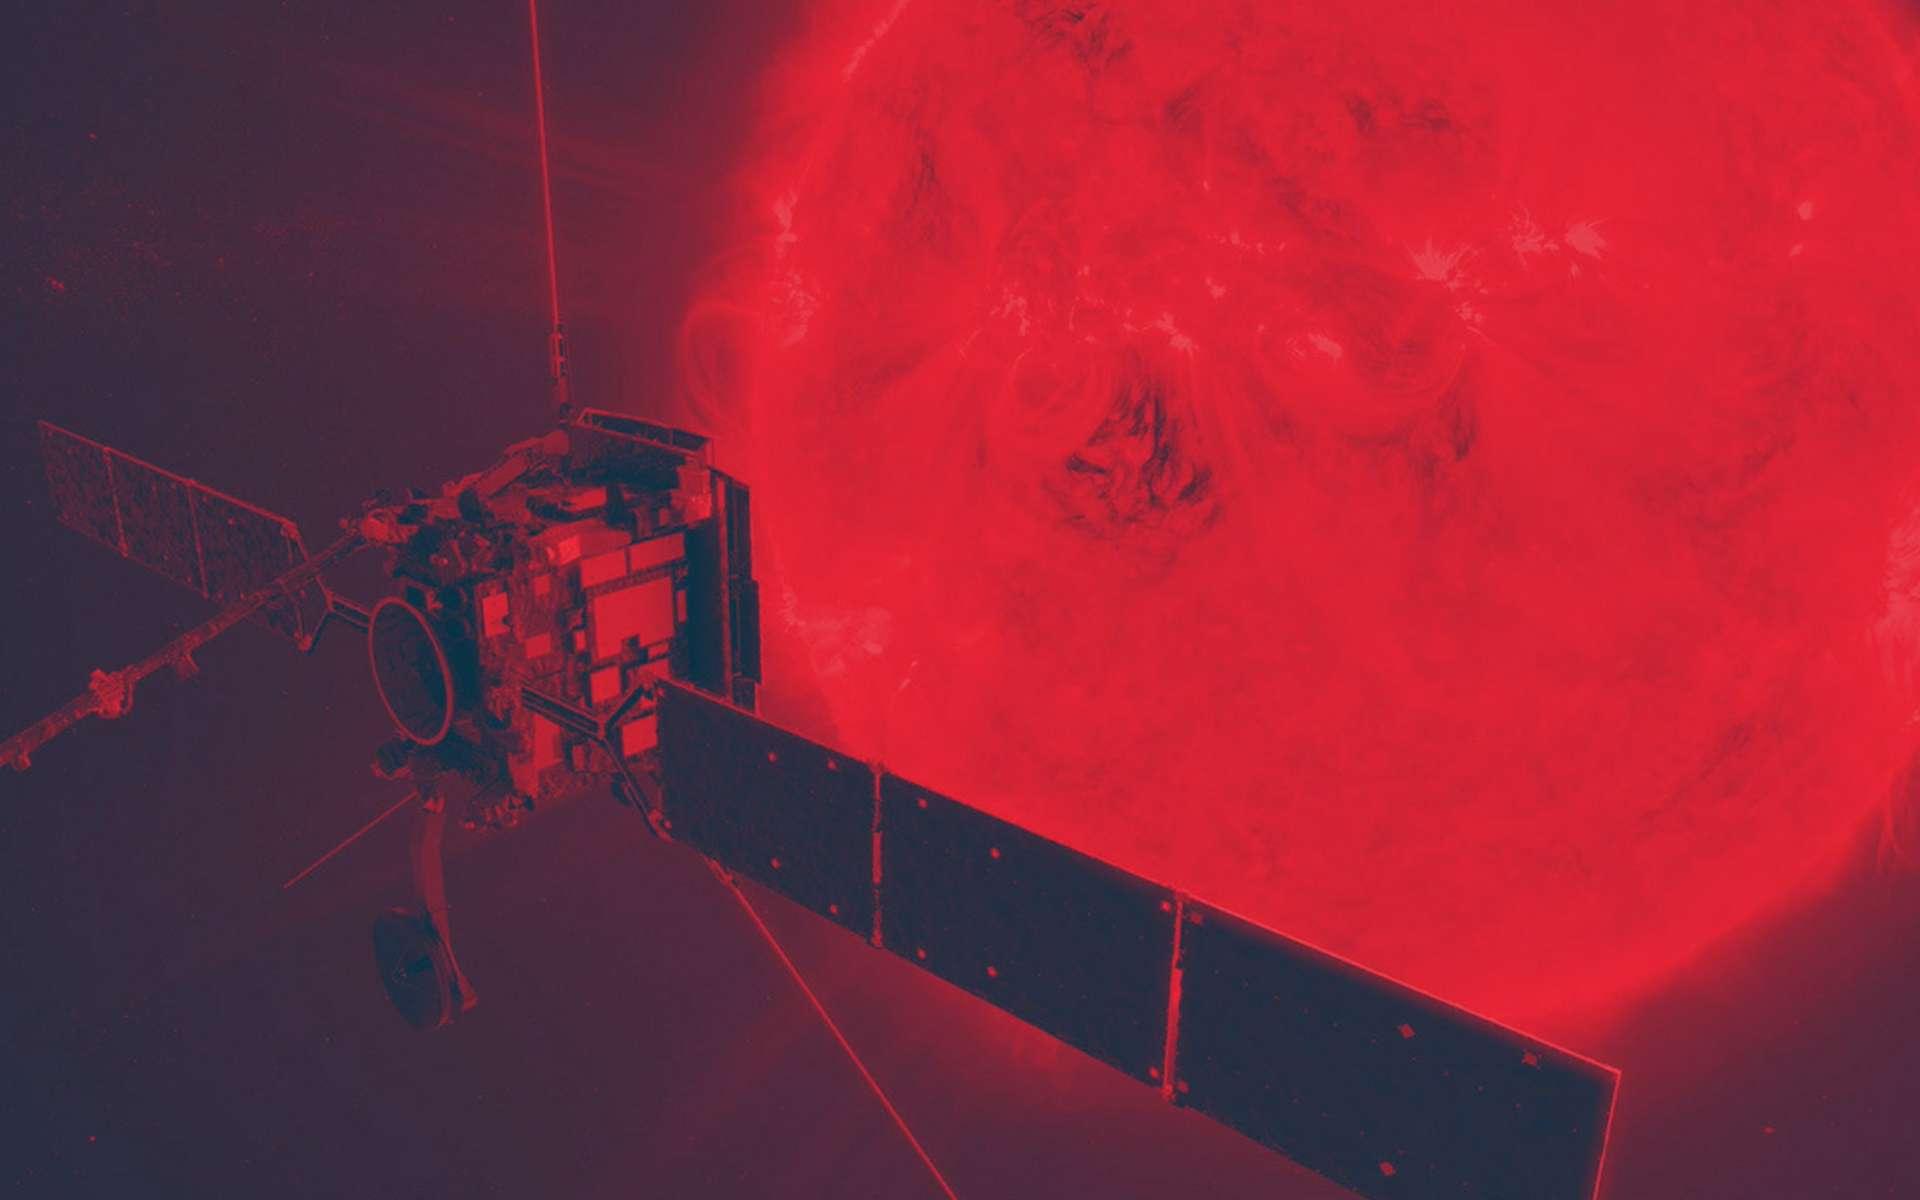 Solar Orbiter aura pour mission d'étudier le Soleil pour créer une véritable météorologie spatiale.